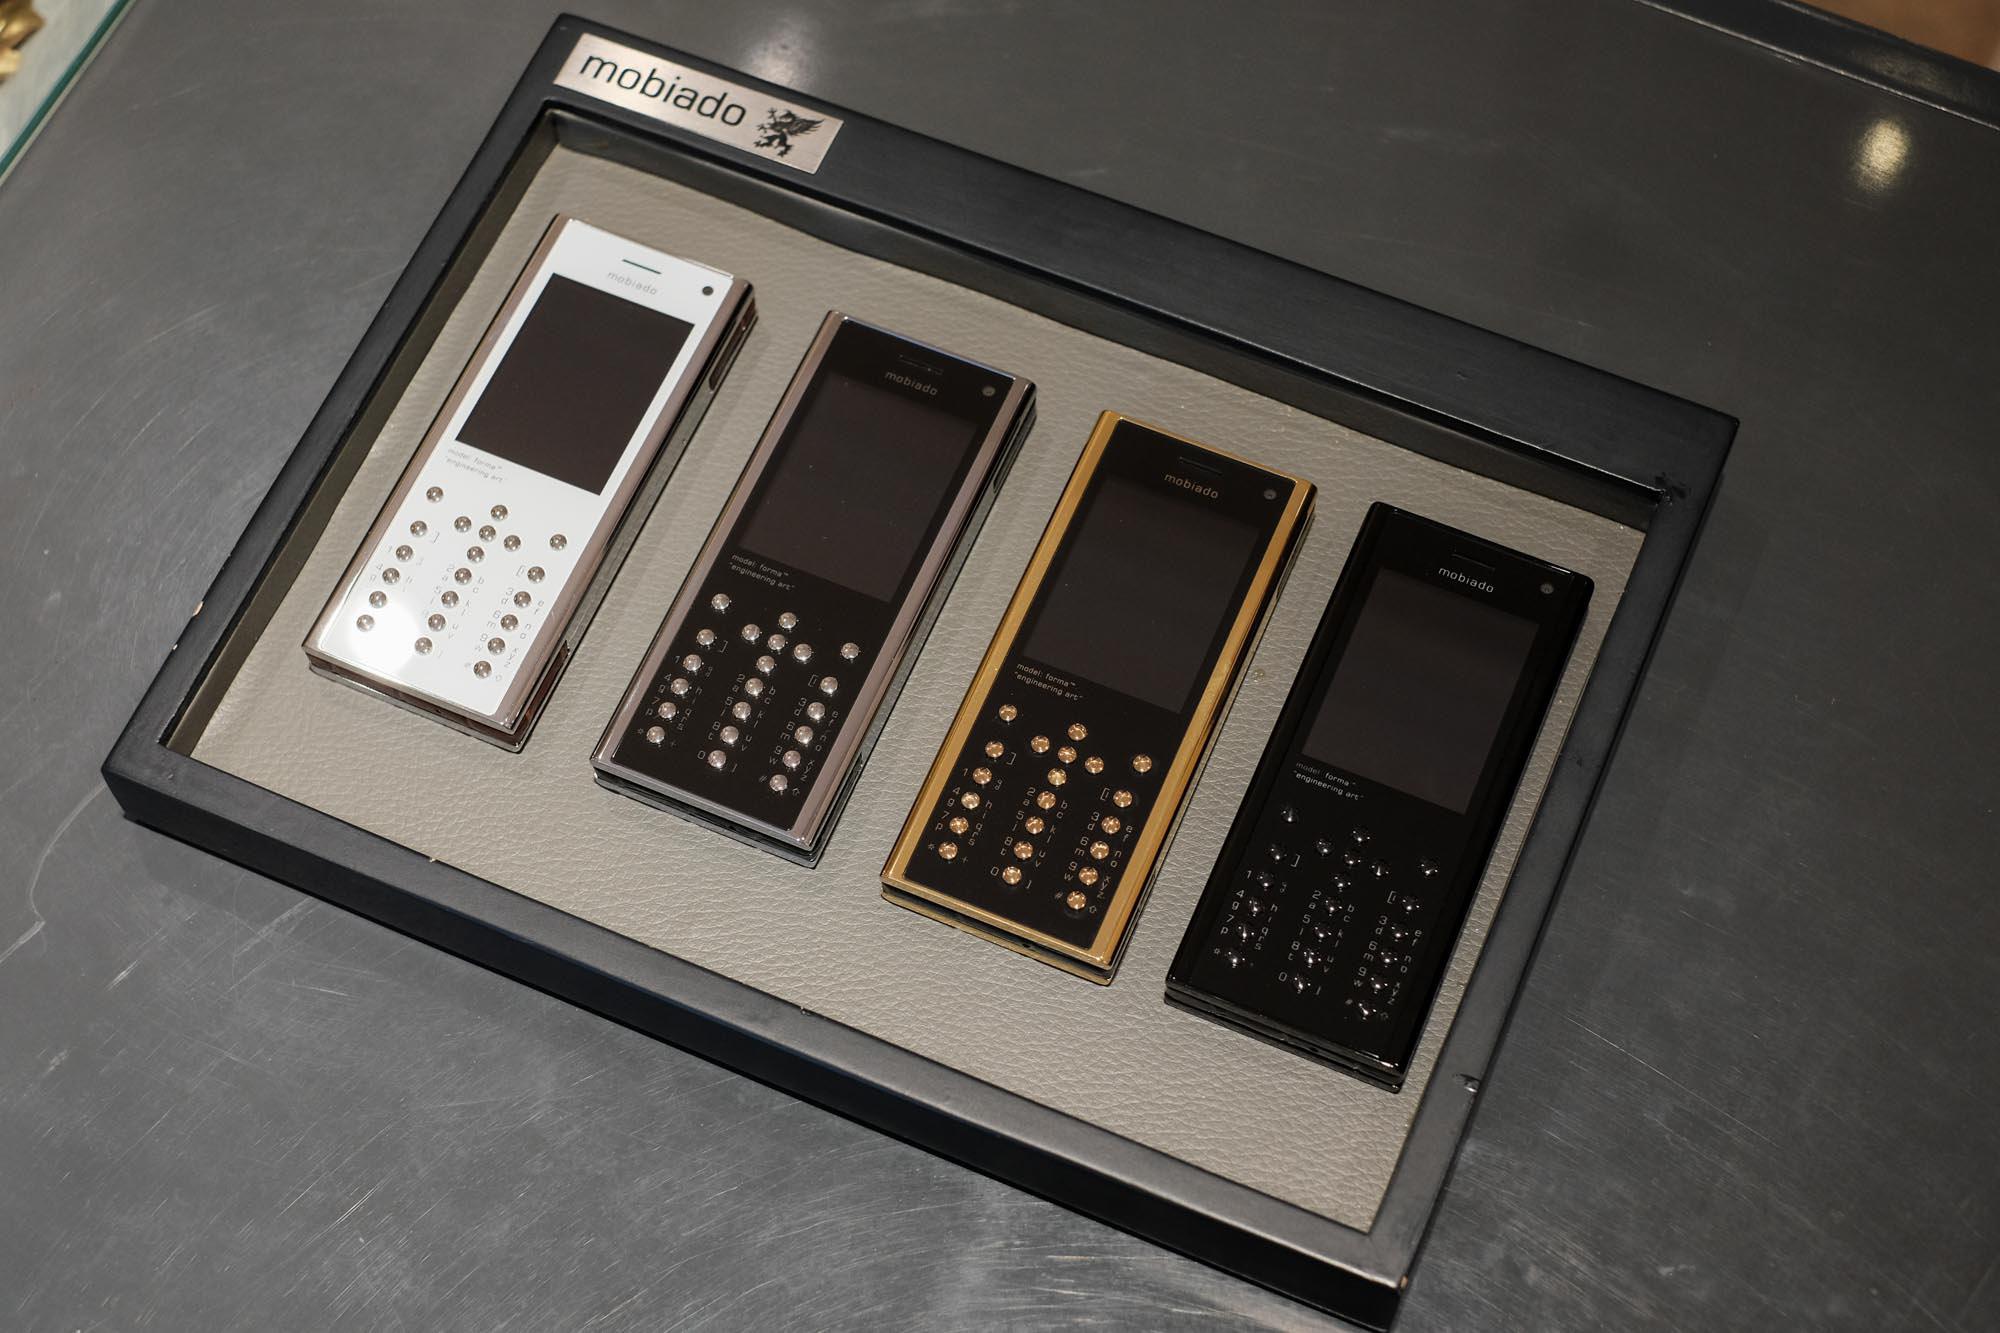 Ngắm nhìn điện thoại Mobiado hạng sang giá đắt nhất Việt Nam - Ảnh 2.